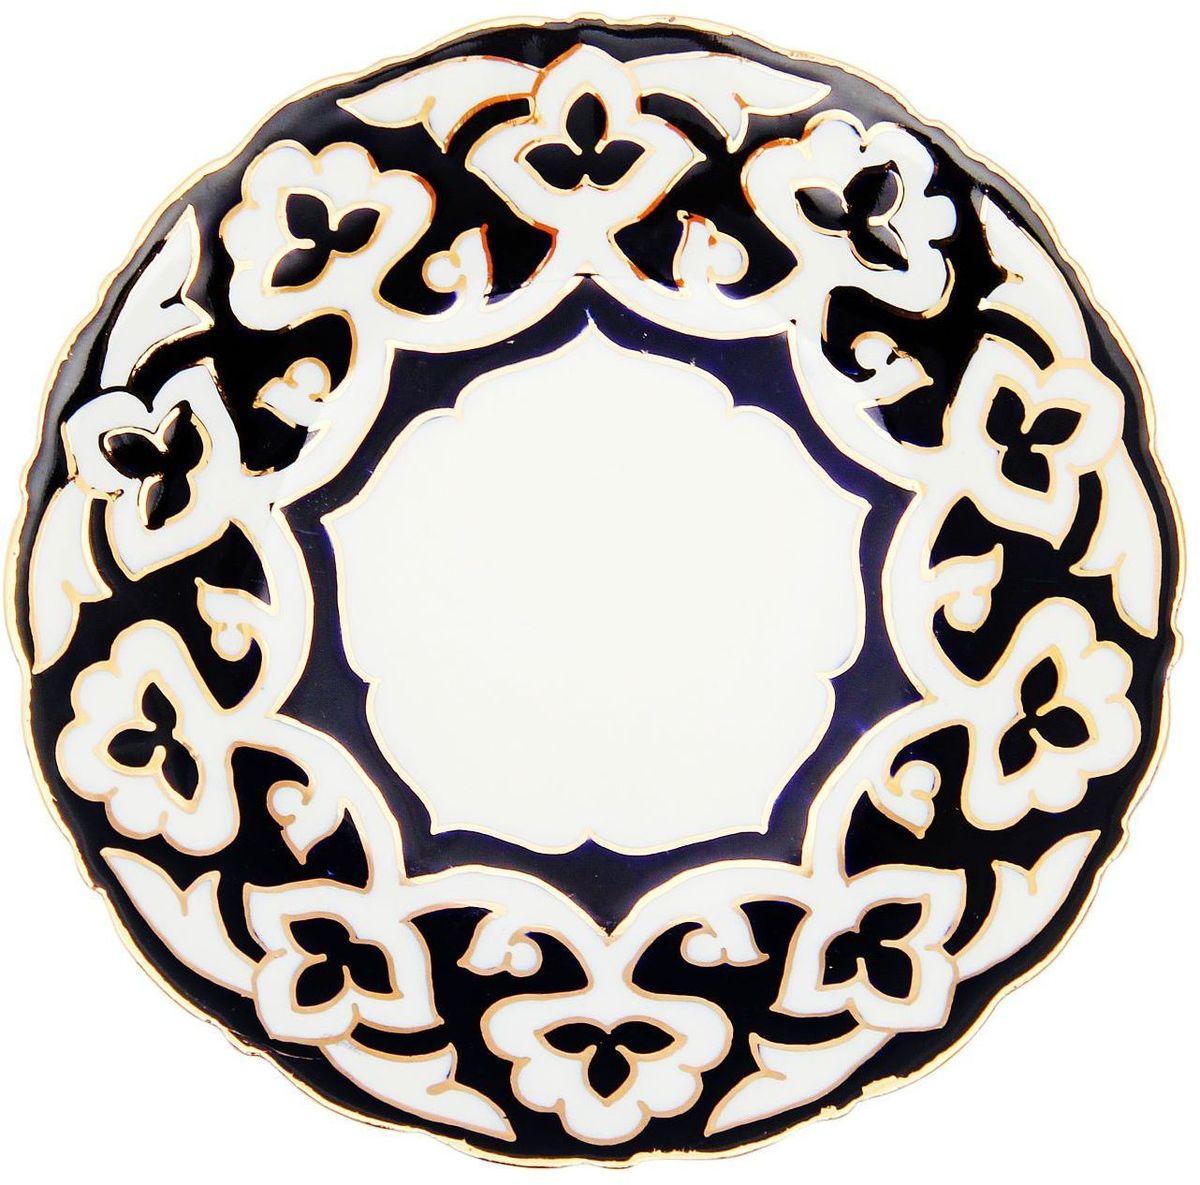 Тарелка Turon Porcelain Пахта, цвет: белый, синий, золотистый, диаметр 16 см1625355Узбекская посуда известна всему миру уже более тысячи лет. Ей любовались царские особы, на ней подавали еду для шейхов и знатных персон. Формулы красок и глазури передаются из поколения в поколение. По сей день качественные расписные изделия продолжают восхищать совершенством и завораживающей красотой. Тарелка Turon Porcelain Пахта подойдет для повседневной и праздничной сервировки. Дополните стол текстилем и салфетками в тон, чтобы получить элегантное убранство с яркими акцентами. Национальная узбекская роспись Пахта сдержанна и благородна. Витиеватые узоры выводятся тонкой кистью, а фон заливается кобальтом. Синий краситель при обжиге слегка растекается и придает контуру изображений голубой оттенок. Густая глазурь наносится толстым слоем, благодаря чему рисунок мерцает.